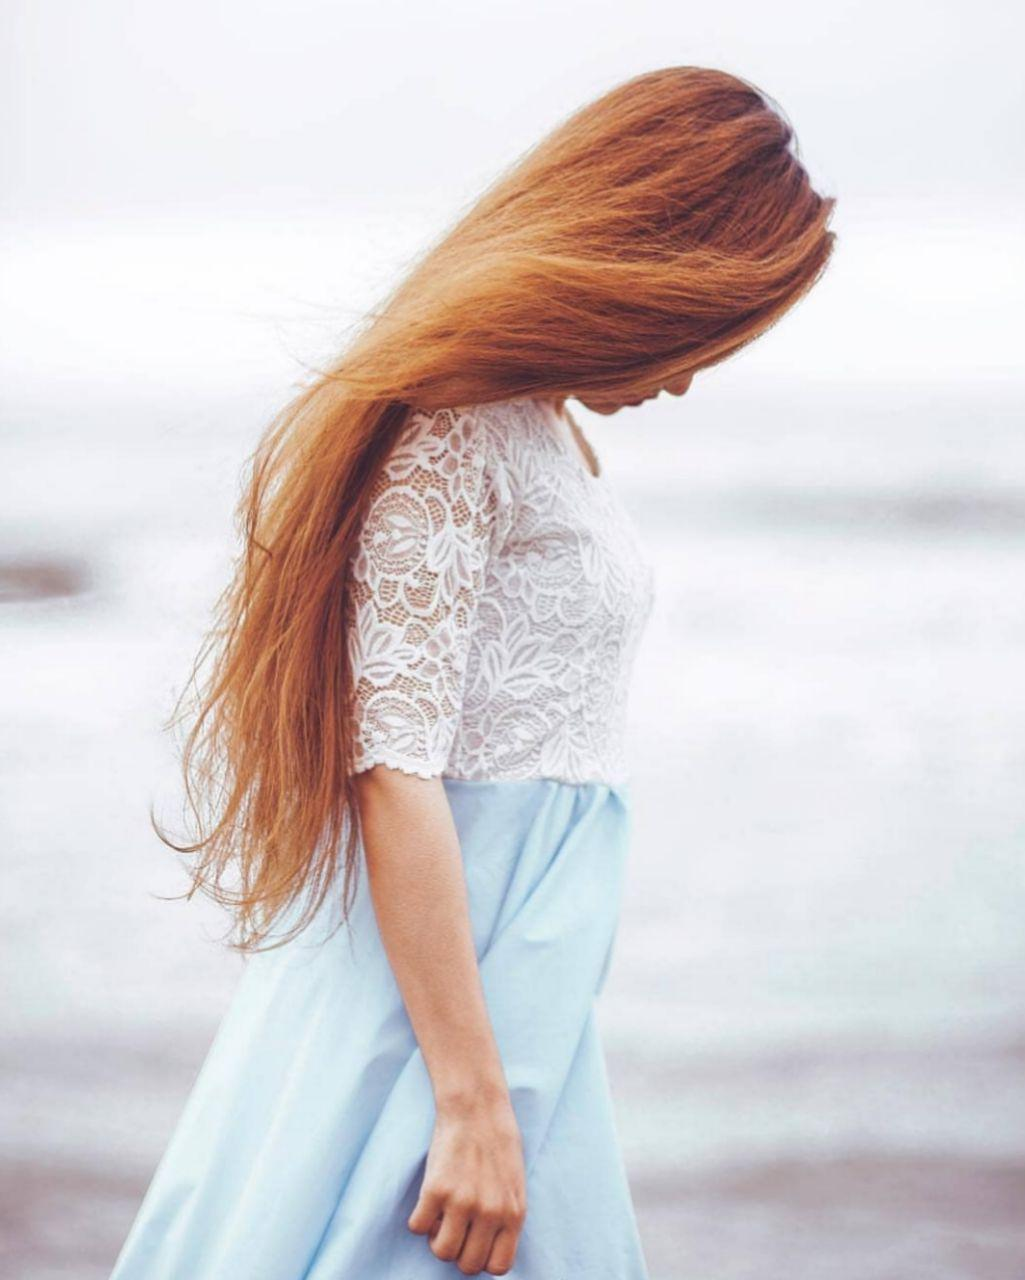 عکس زن با موی پریشان